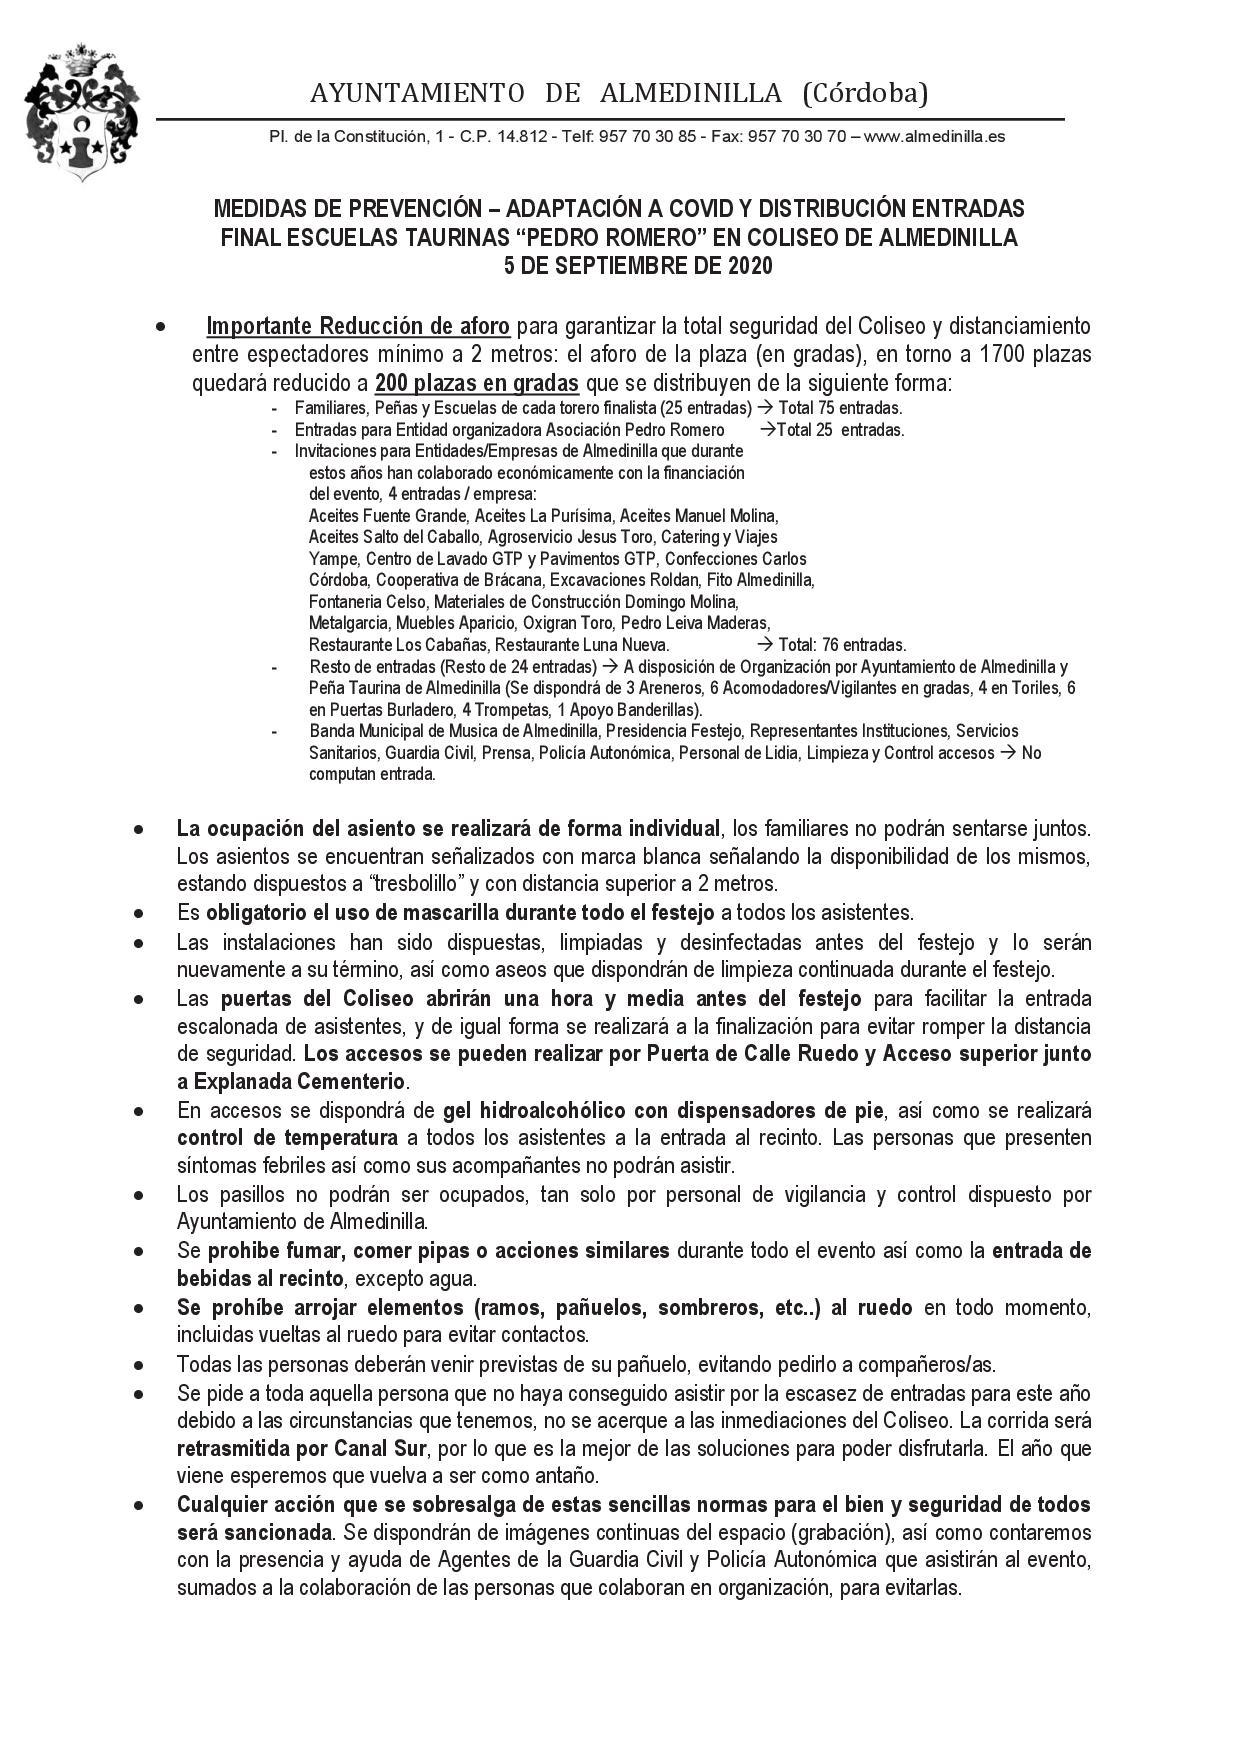 Medidas preventivas Covid19 final escuelas taurinas 1